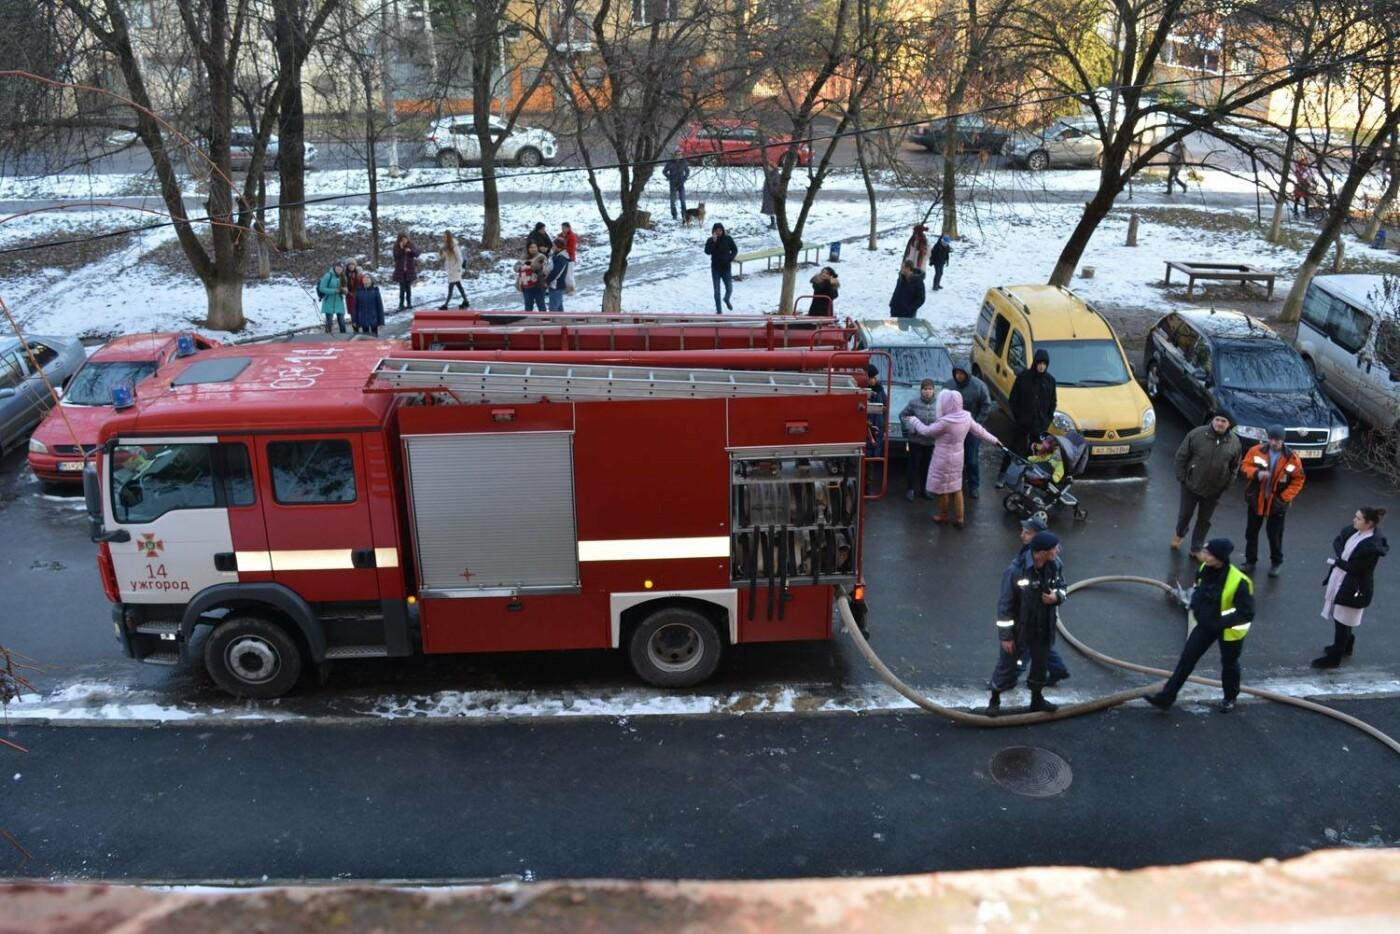 Через пожежу у багатоповерхівці на Годинки в Ужгороді евакуювали 20 чоловік, згоріли 2 кімнати (ФОТО, ВІДЕО, УСІ ПОДРОБИЦІ), фото-1